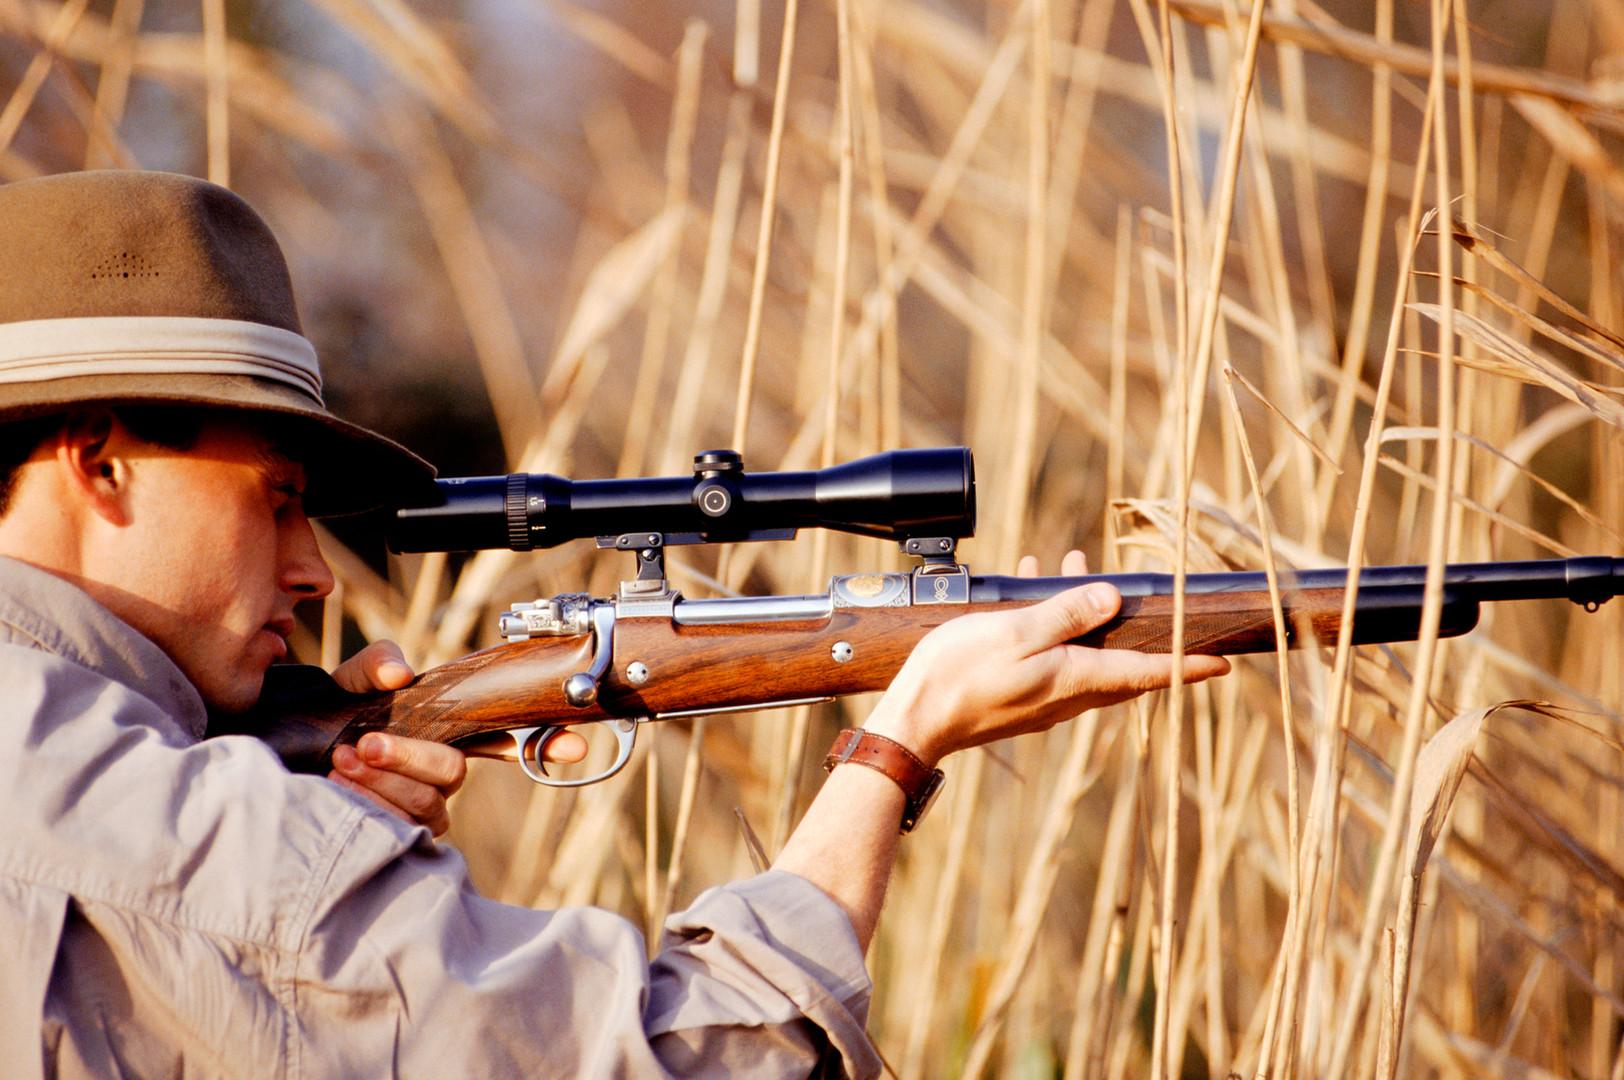 獵人瞄準步槍